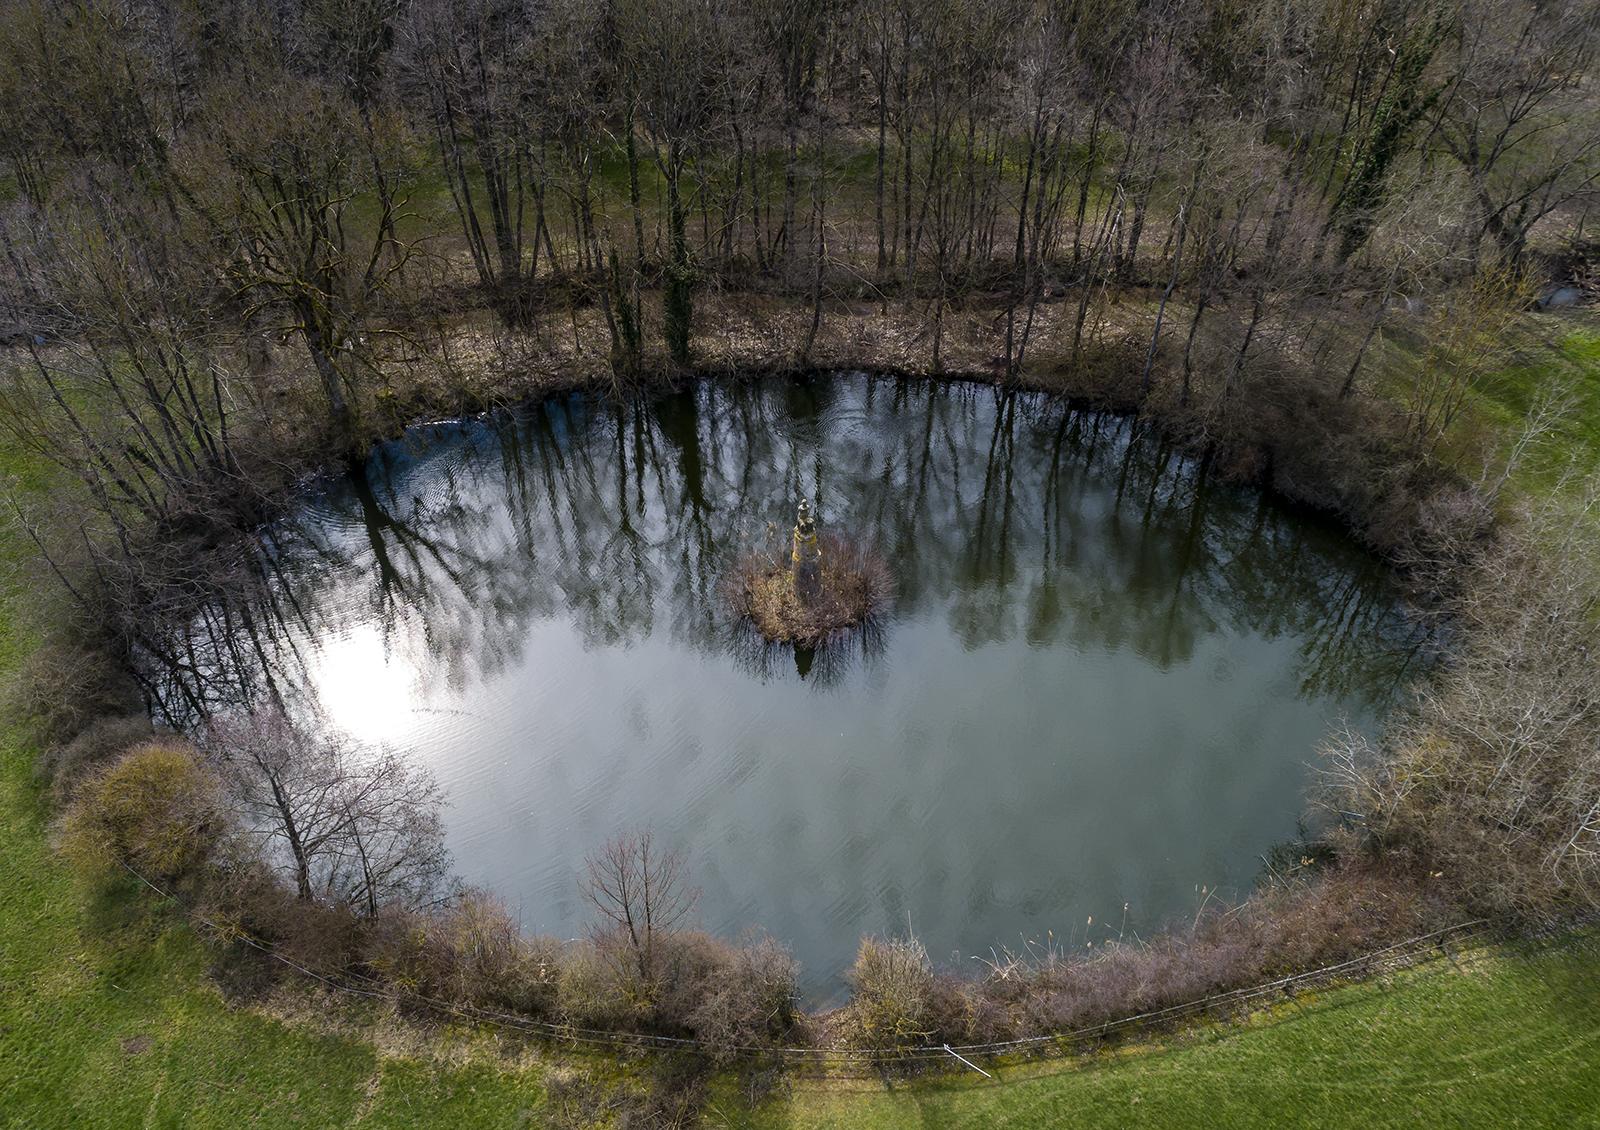 Kibannele und Ovalsee in Ochsenbach